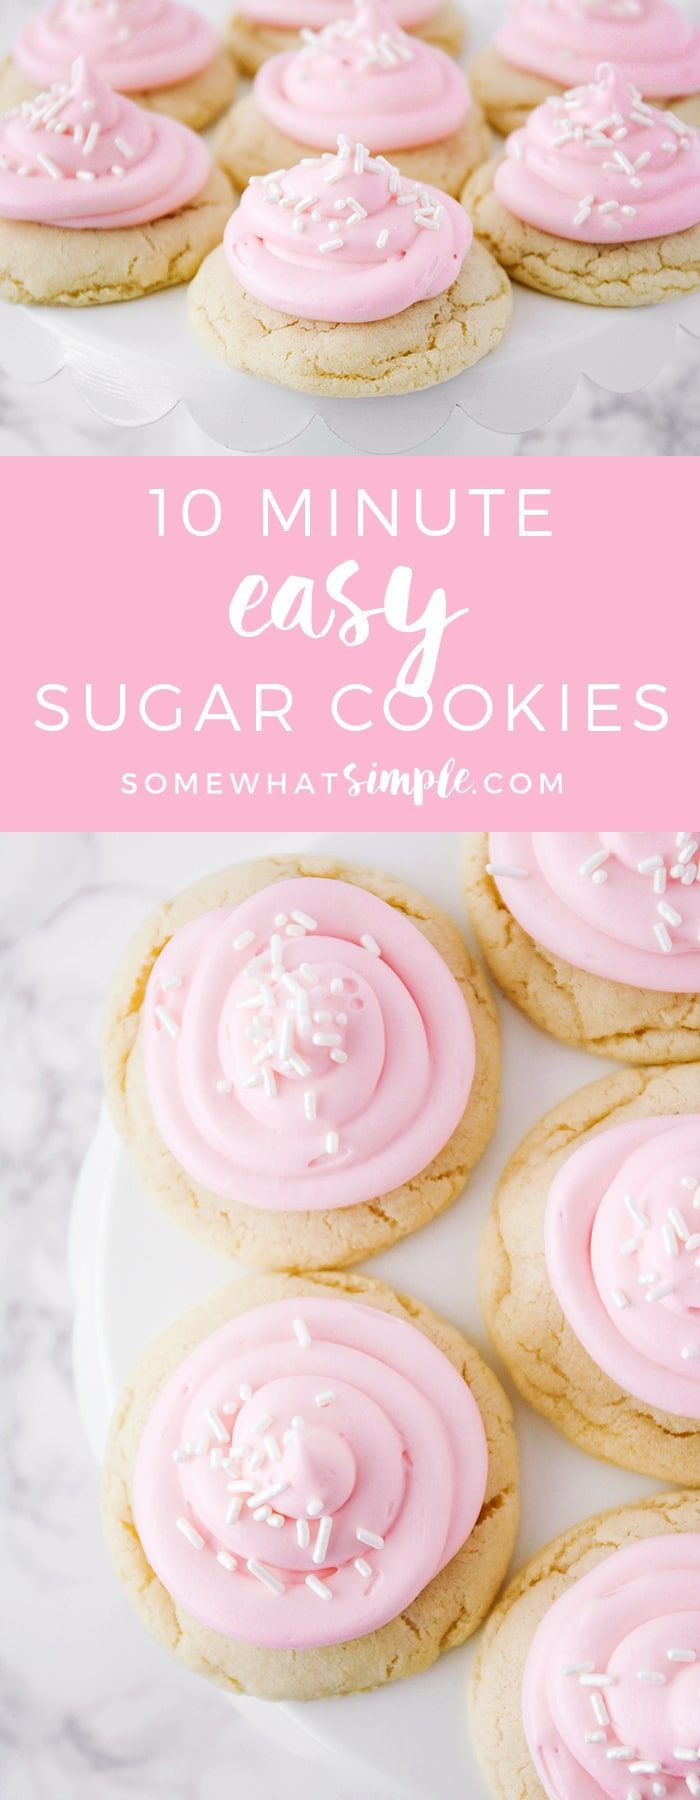 Quick Easy Sugar Cookies  Easy Sugar Cookies Recipe